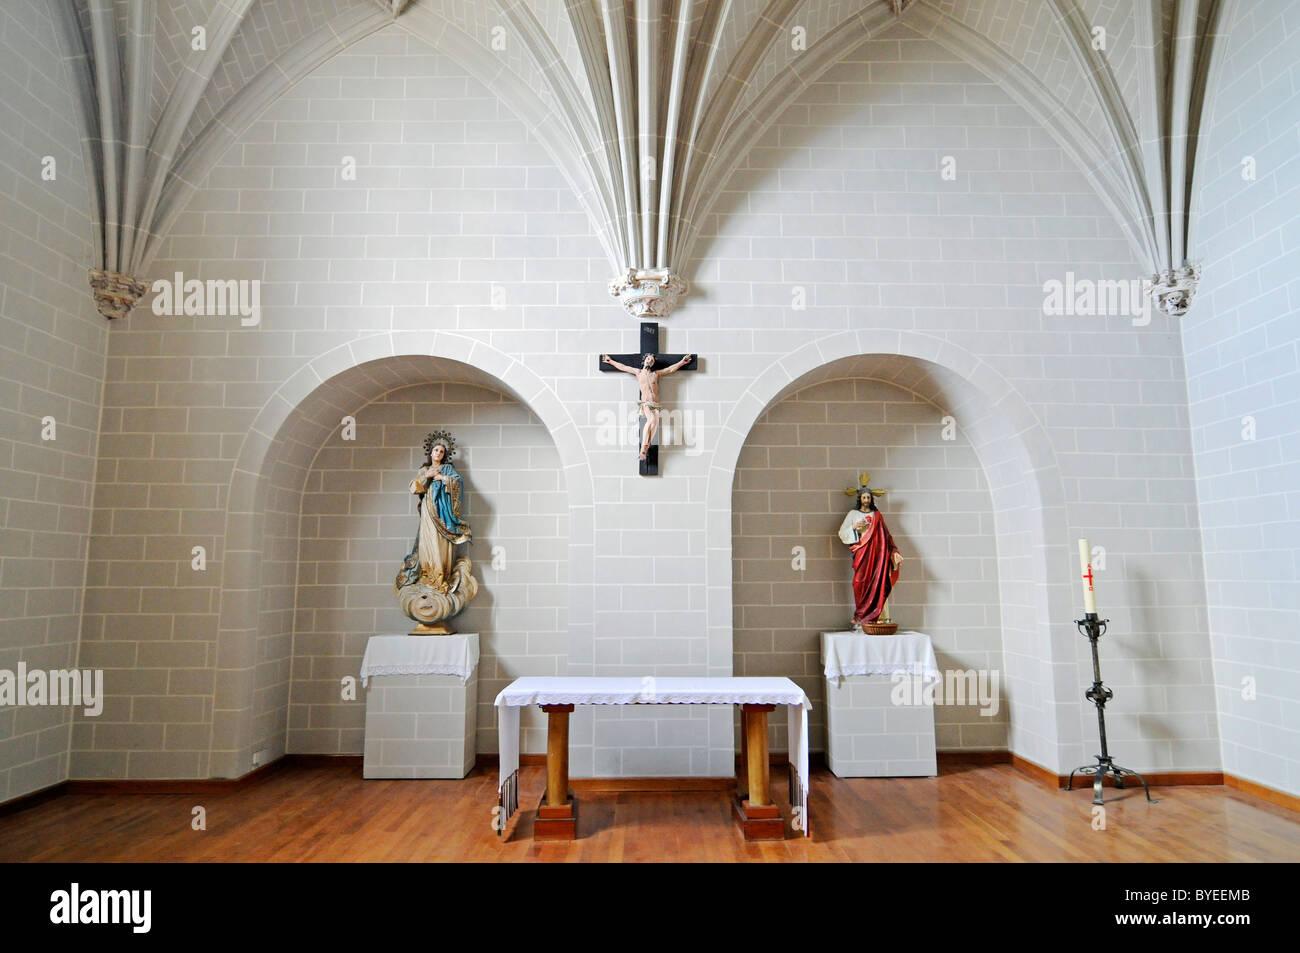 Monasterio de Santa Maria la Real de Irache, Benedictine monastery and church, Way of St. James, Estella, Navarra, - Stock Image